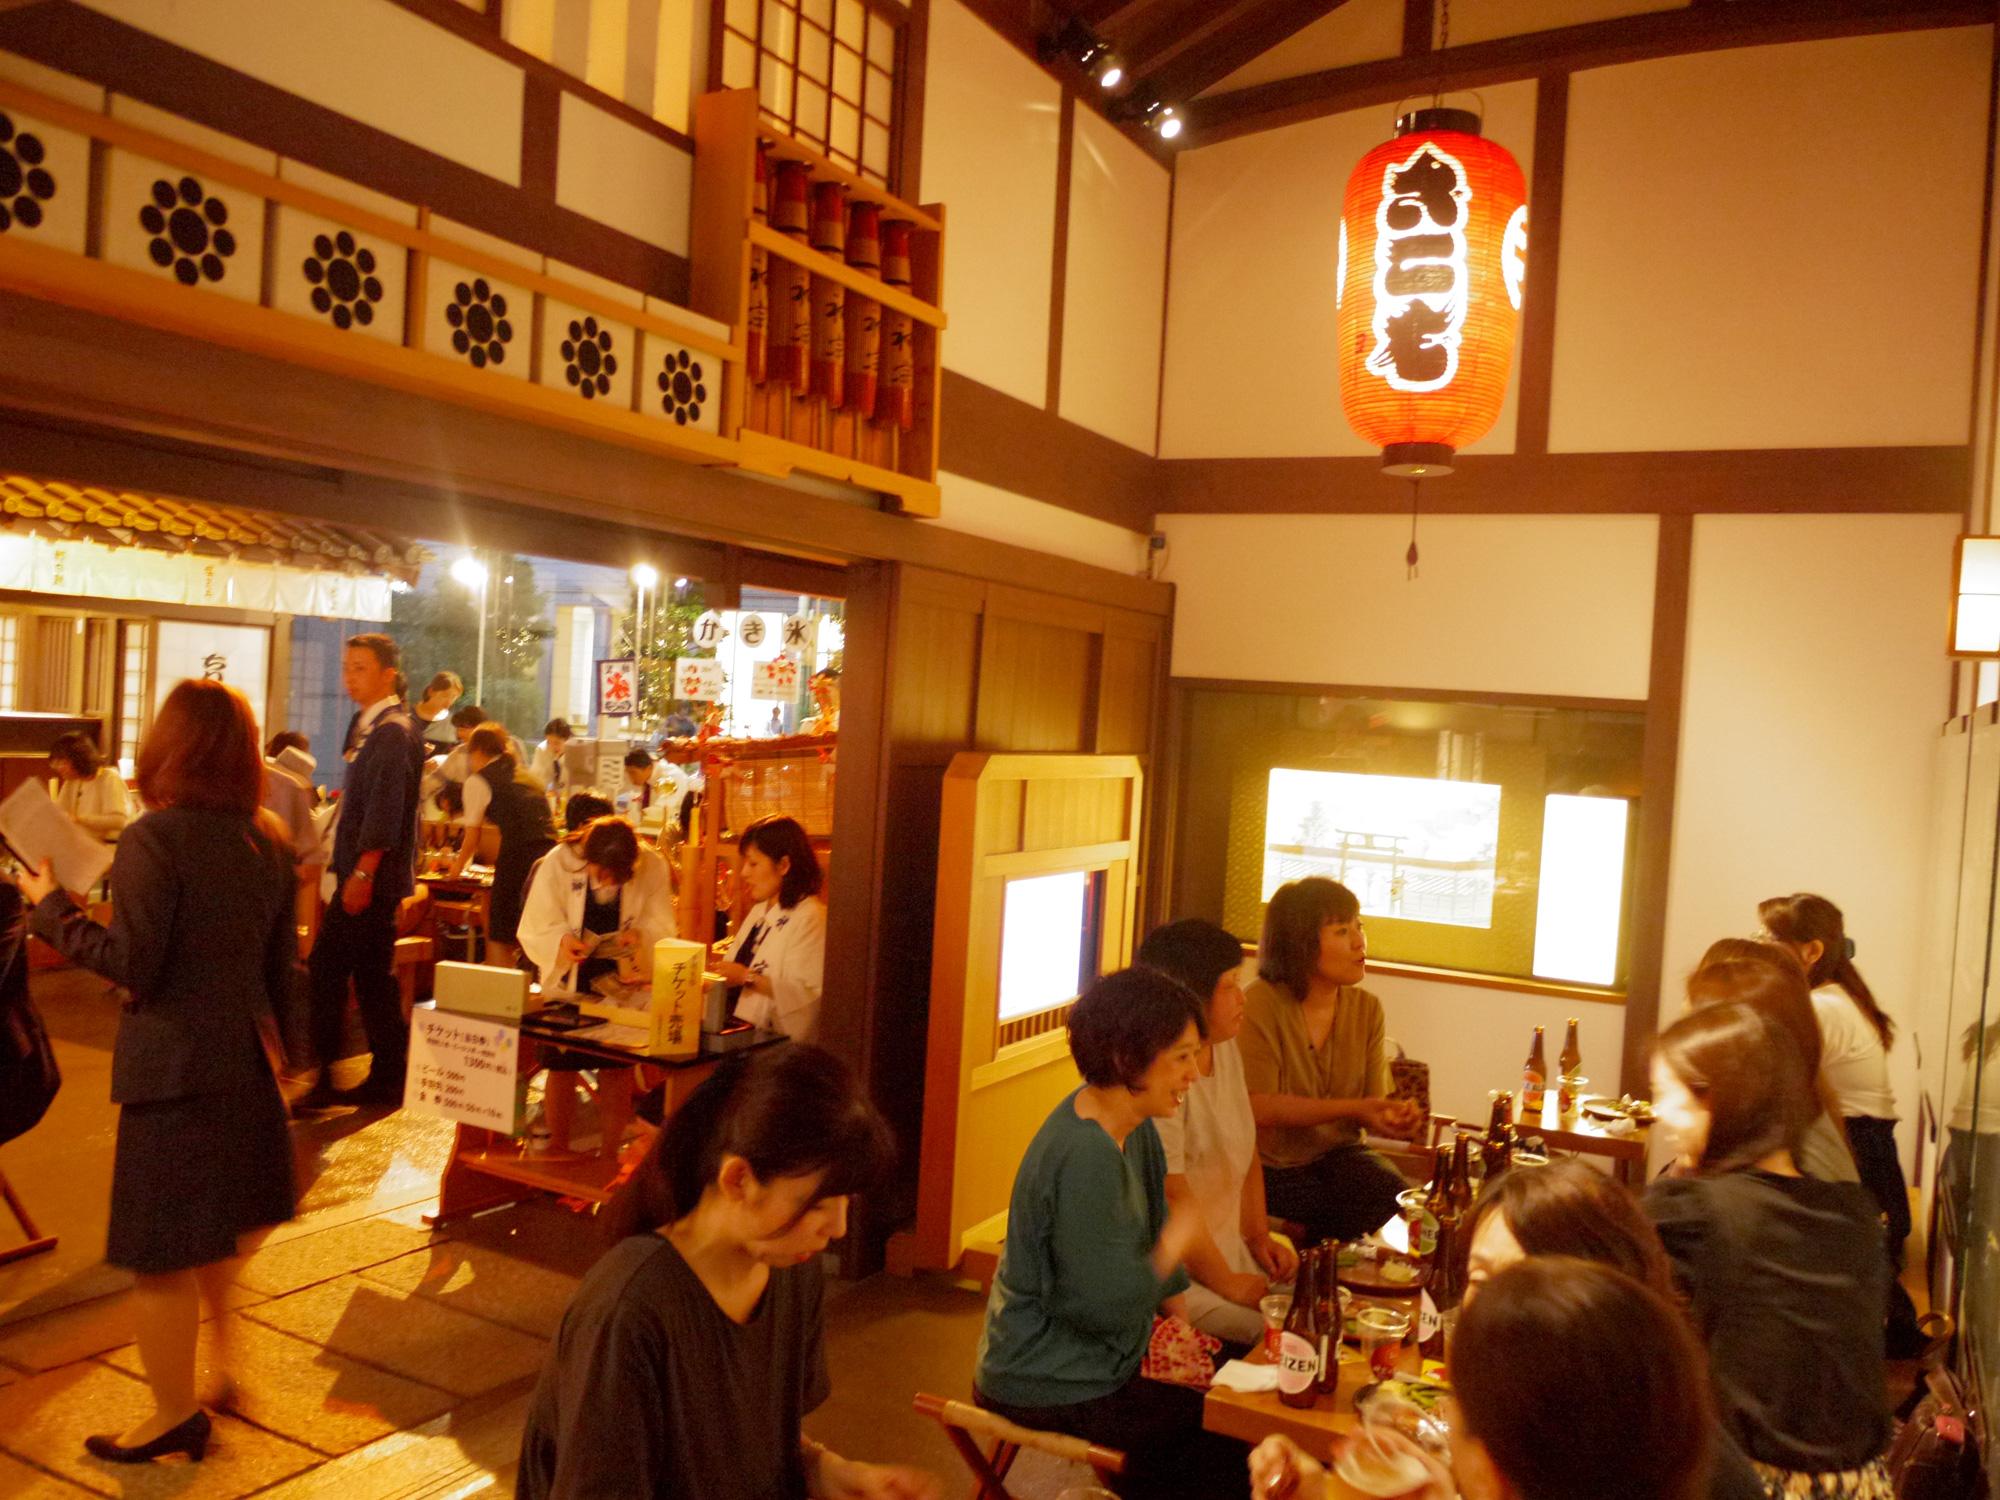 2019年9月4日(水) 神宗×箕面ビール様コラボ夏祭りイベント「手羽先祭」